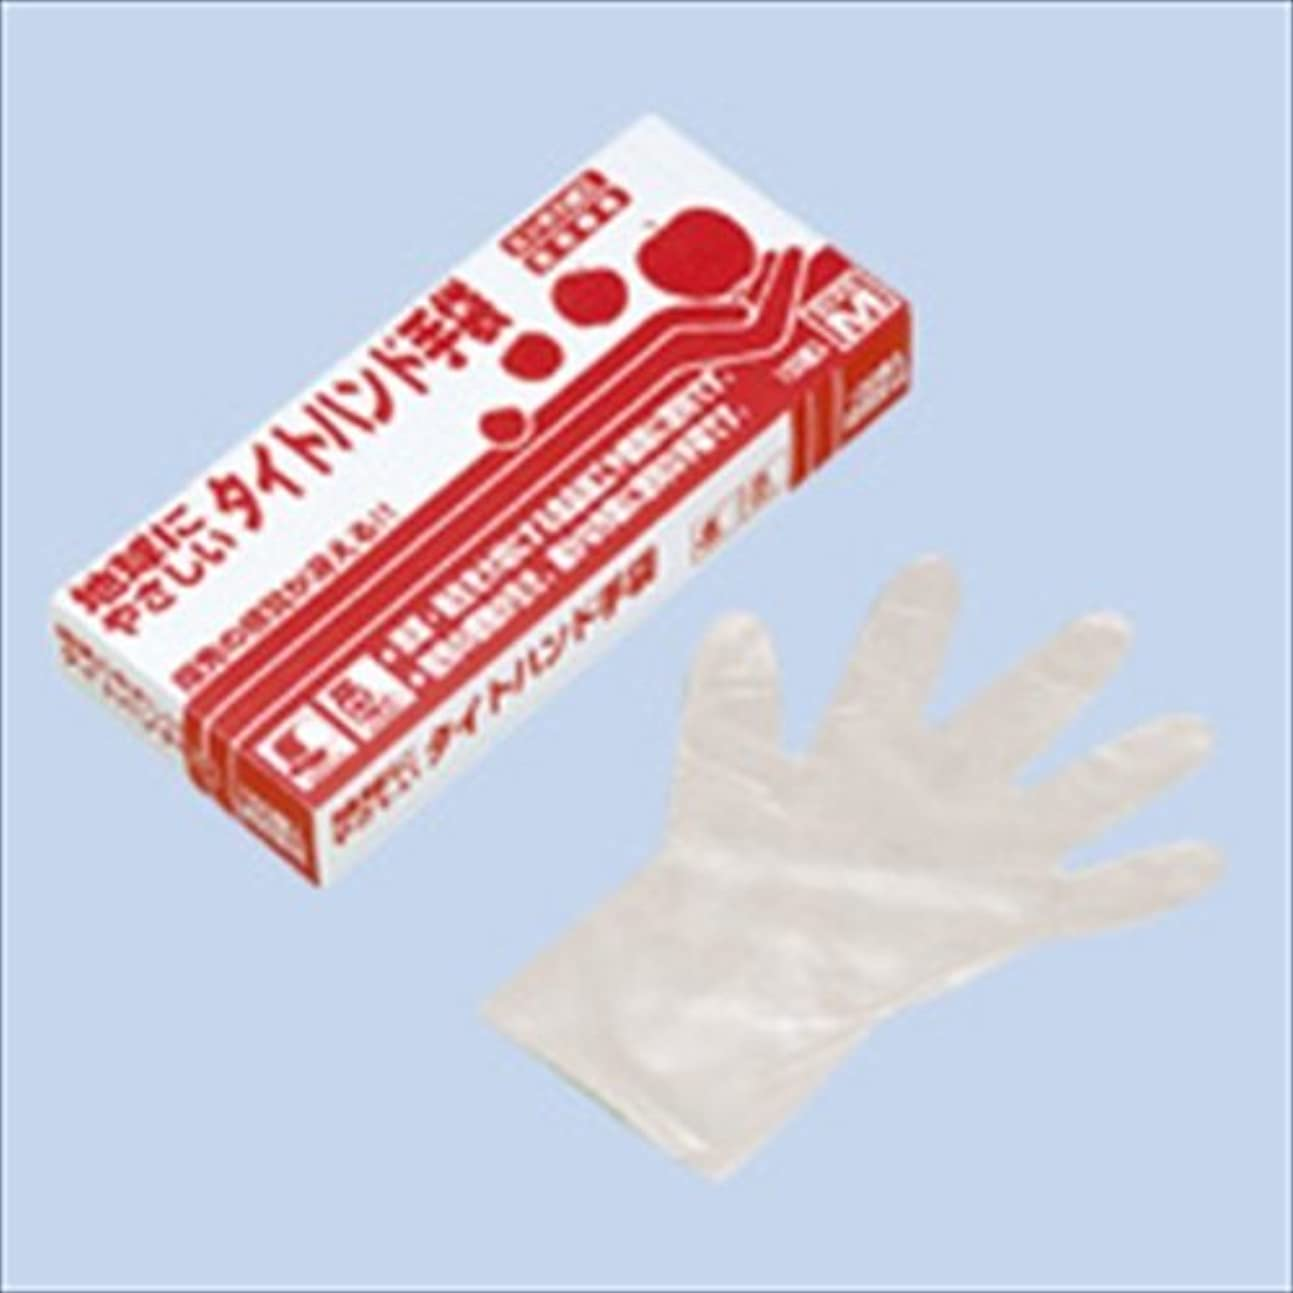 ジャグリングポルティコ発生器シンガータイトハンド手袋 箱入(100枚入)L クリア 49μ